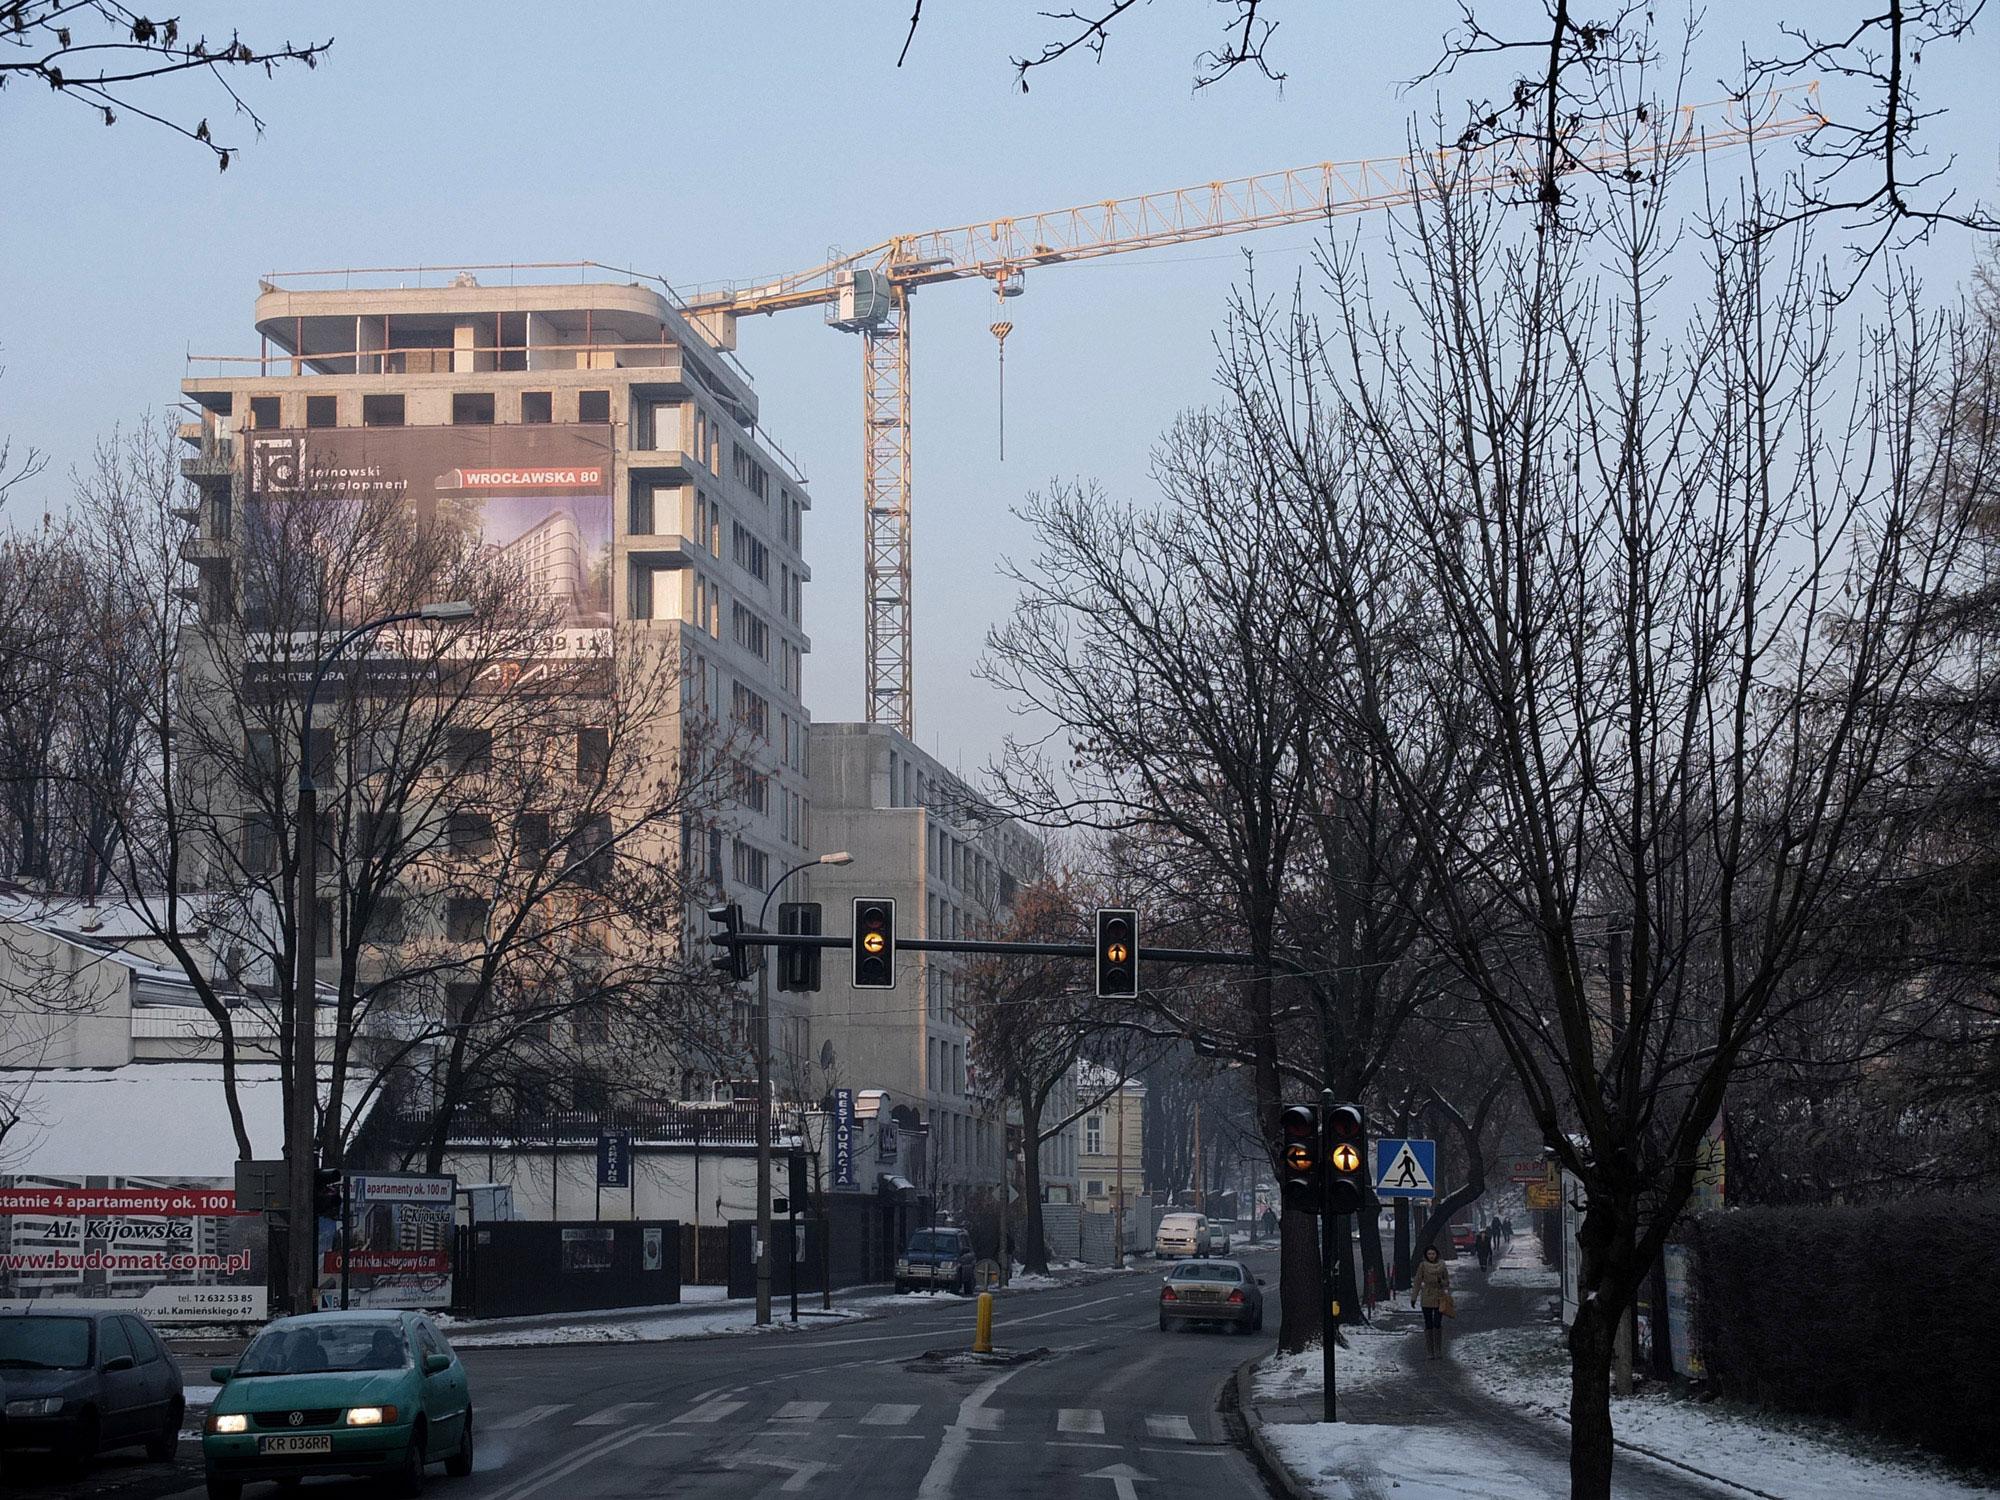 Architekci APA Zalewski Bubak - Budowa budynku mieszkalnego Wrocławska 80